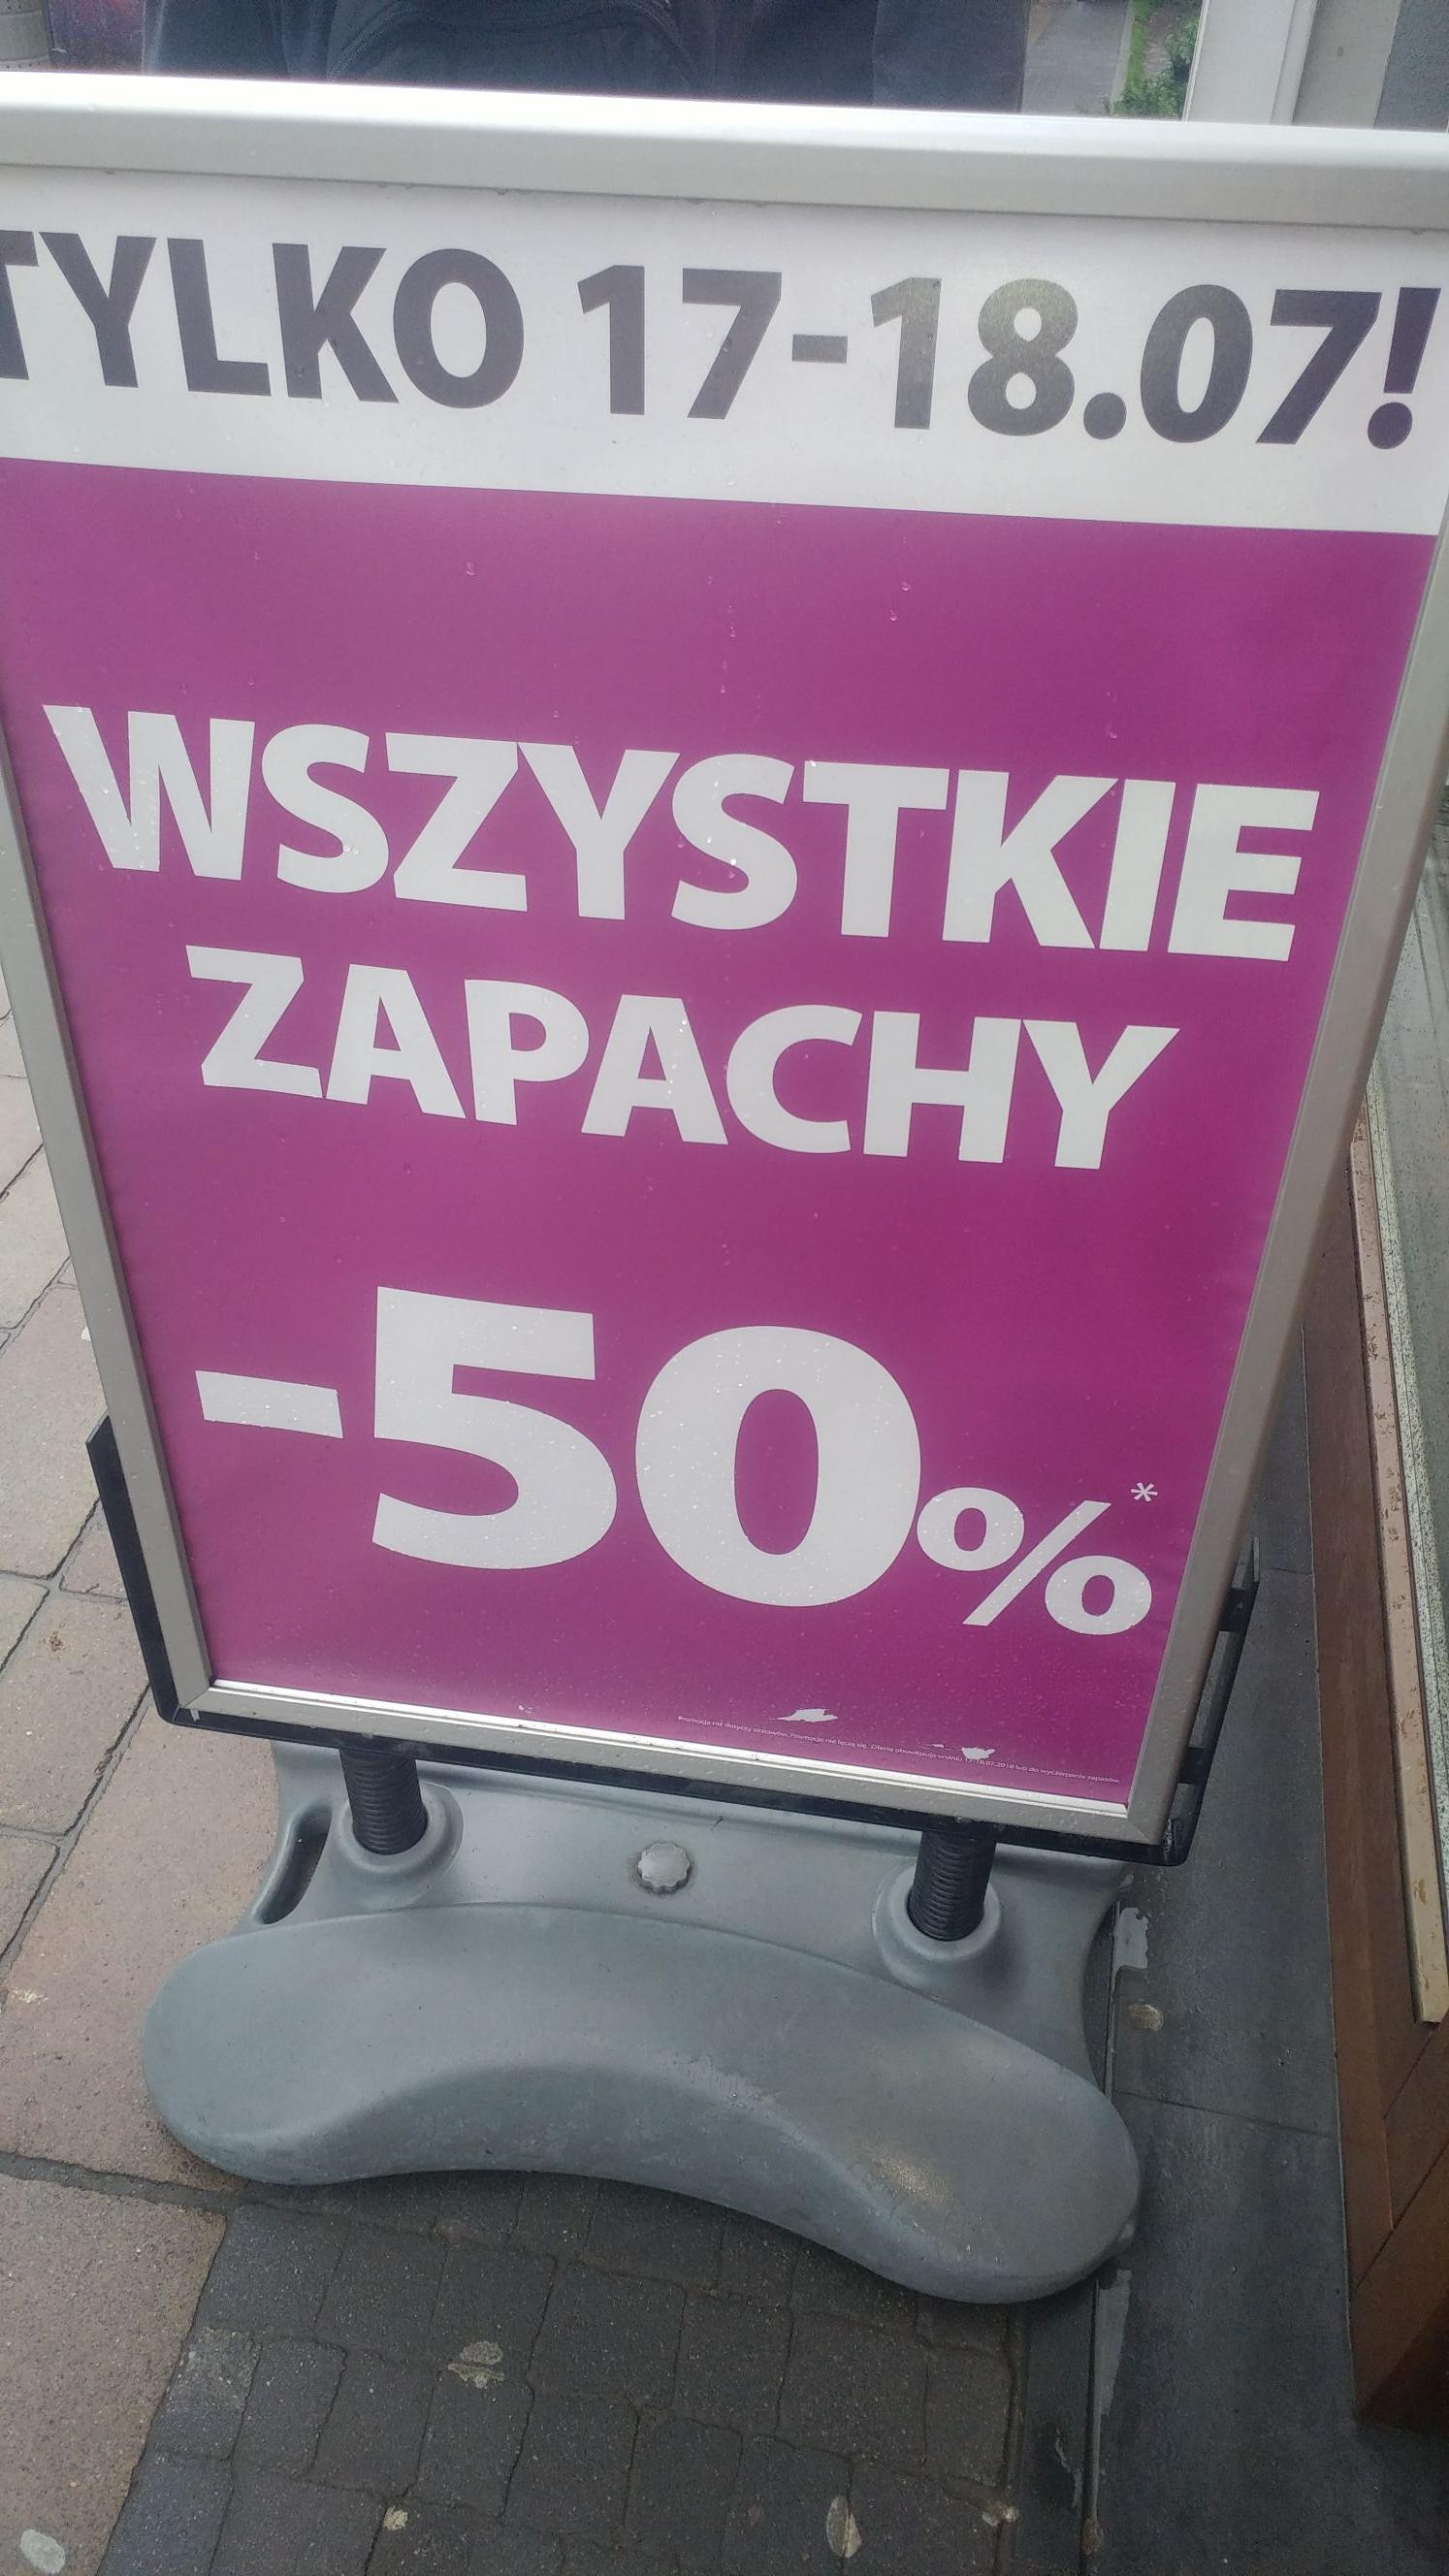 Perfumy i inne zapachy za pol ceny w Hebe Kraków kolo Galerii Krakowskiej